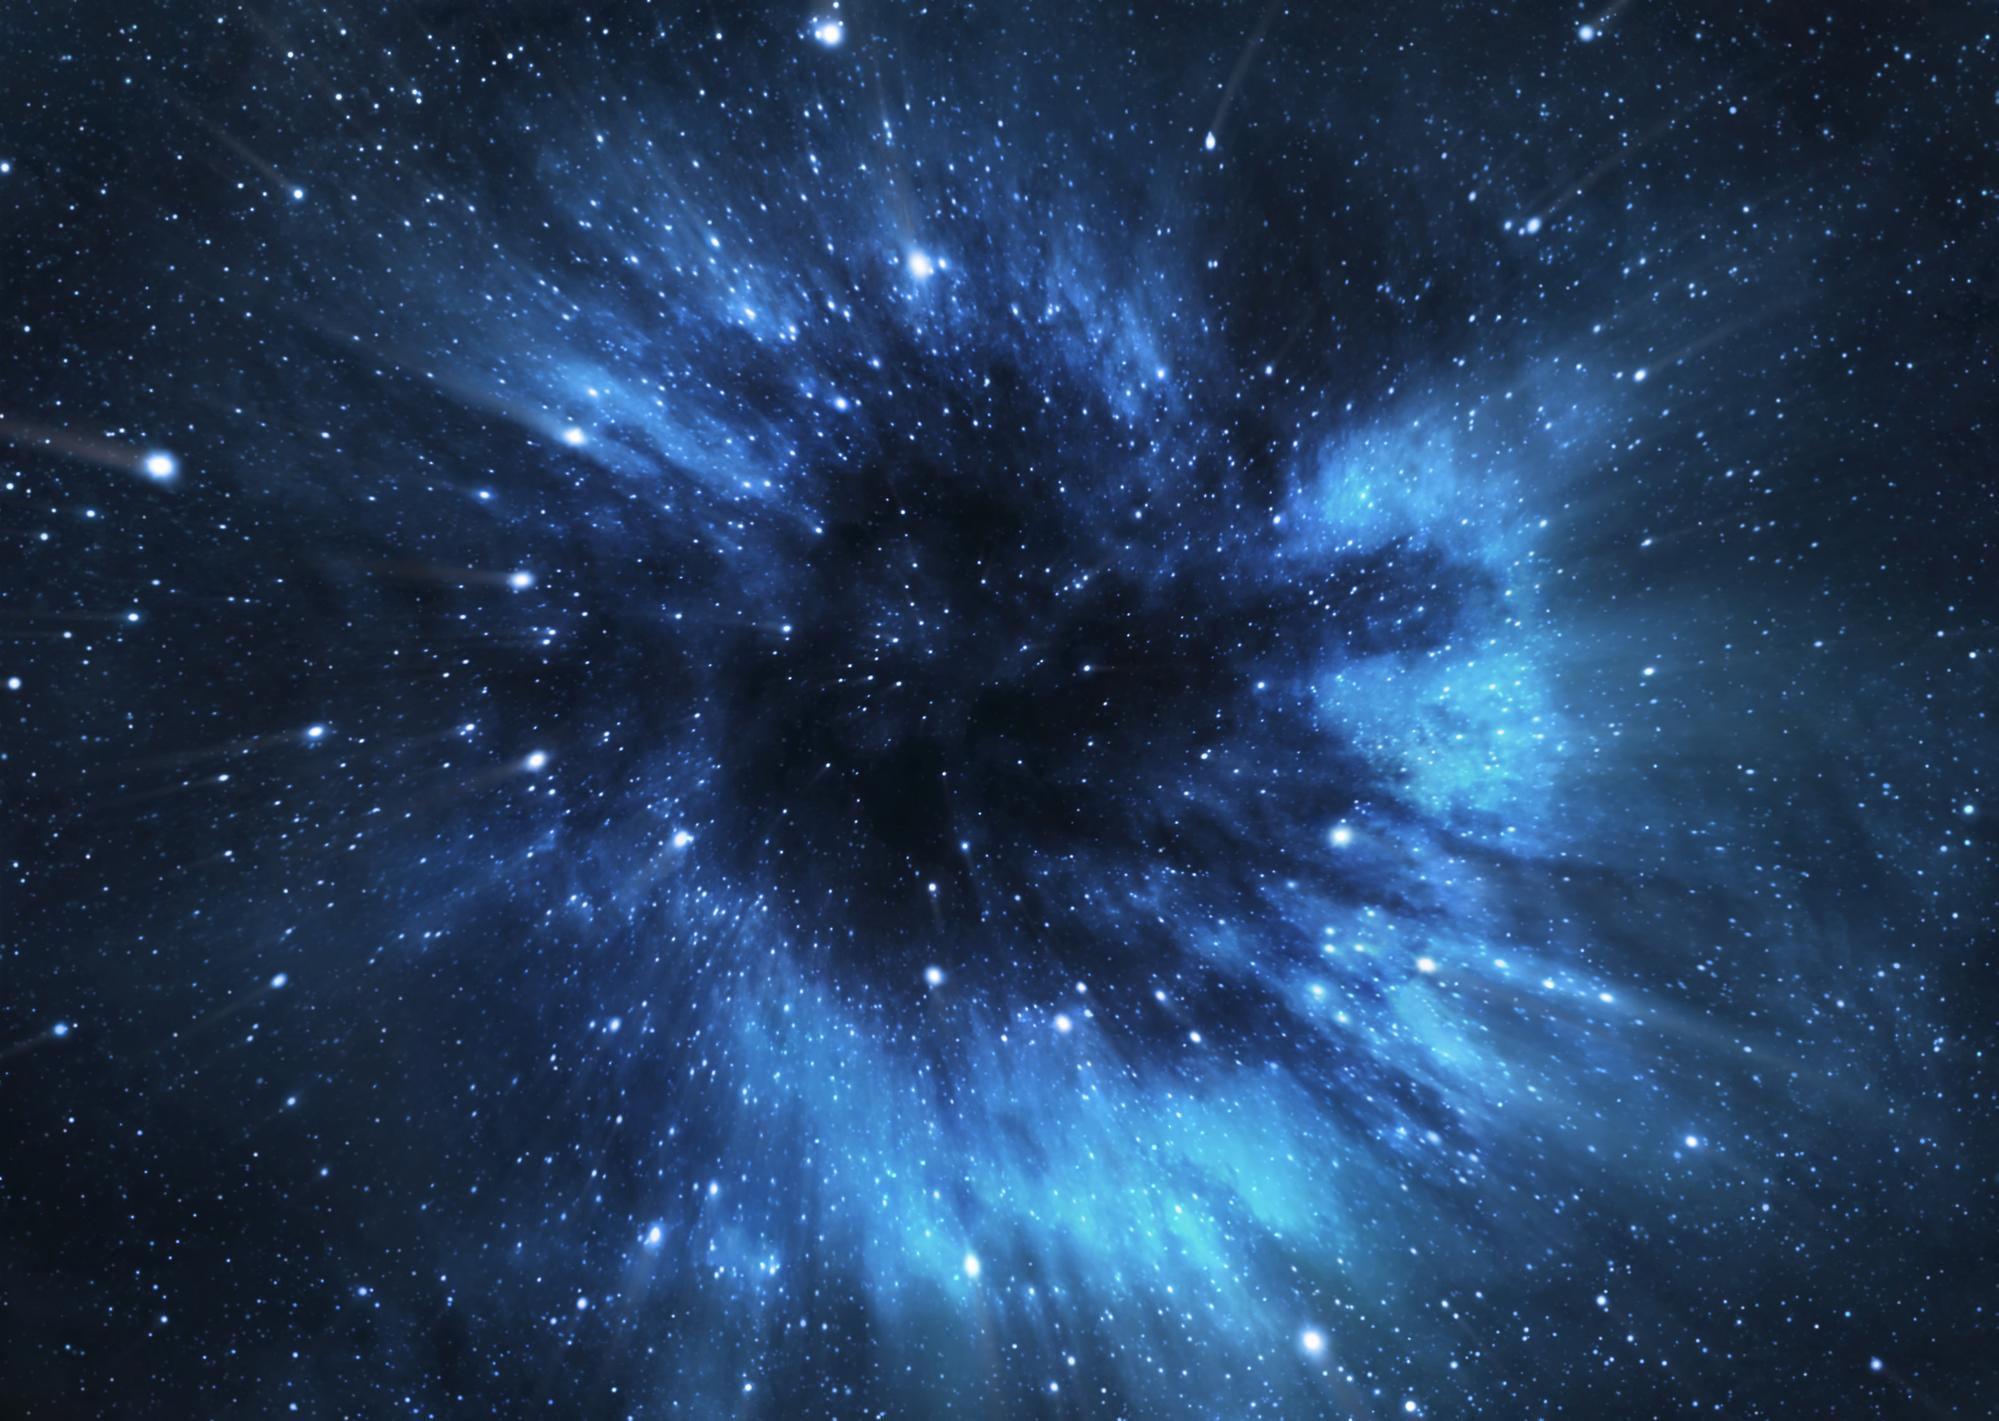 Нобелевскую премию по физике вручили за открытие черных дыр